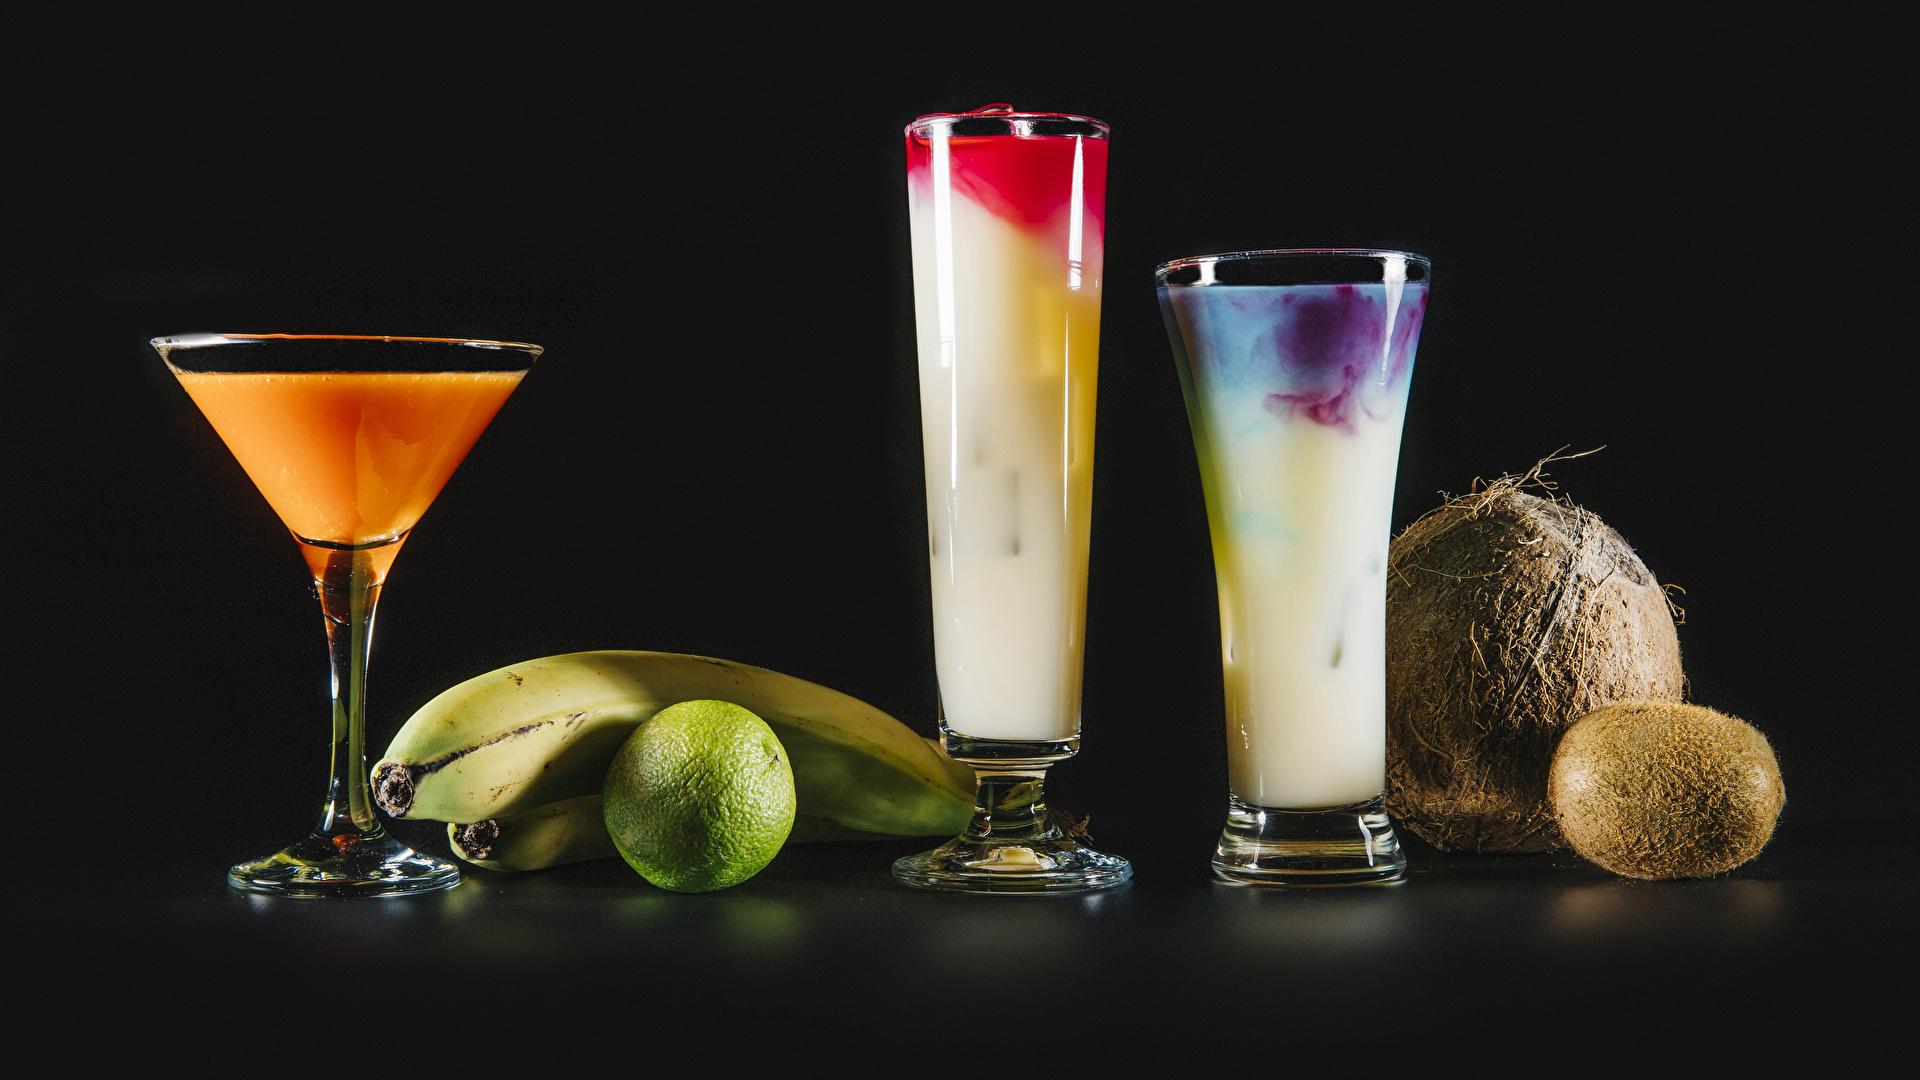 Картинки Лайм Киви Бананы Кокосы стакана Коктейль Продукты питания Черный фон 1920x1080 Стакан стакане Еда Пища на черном фоне